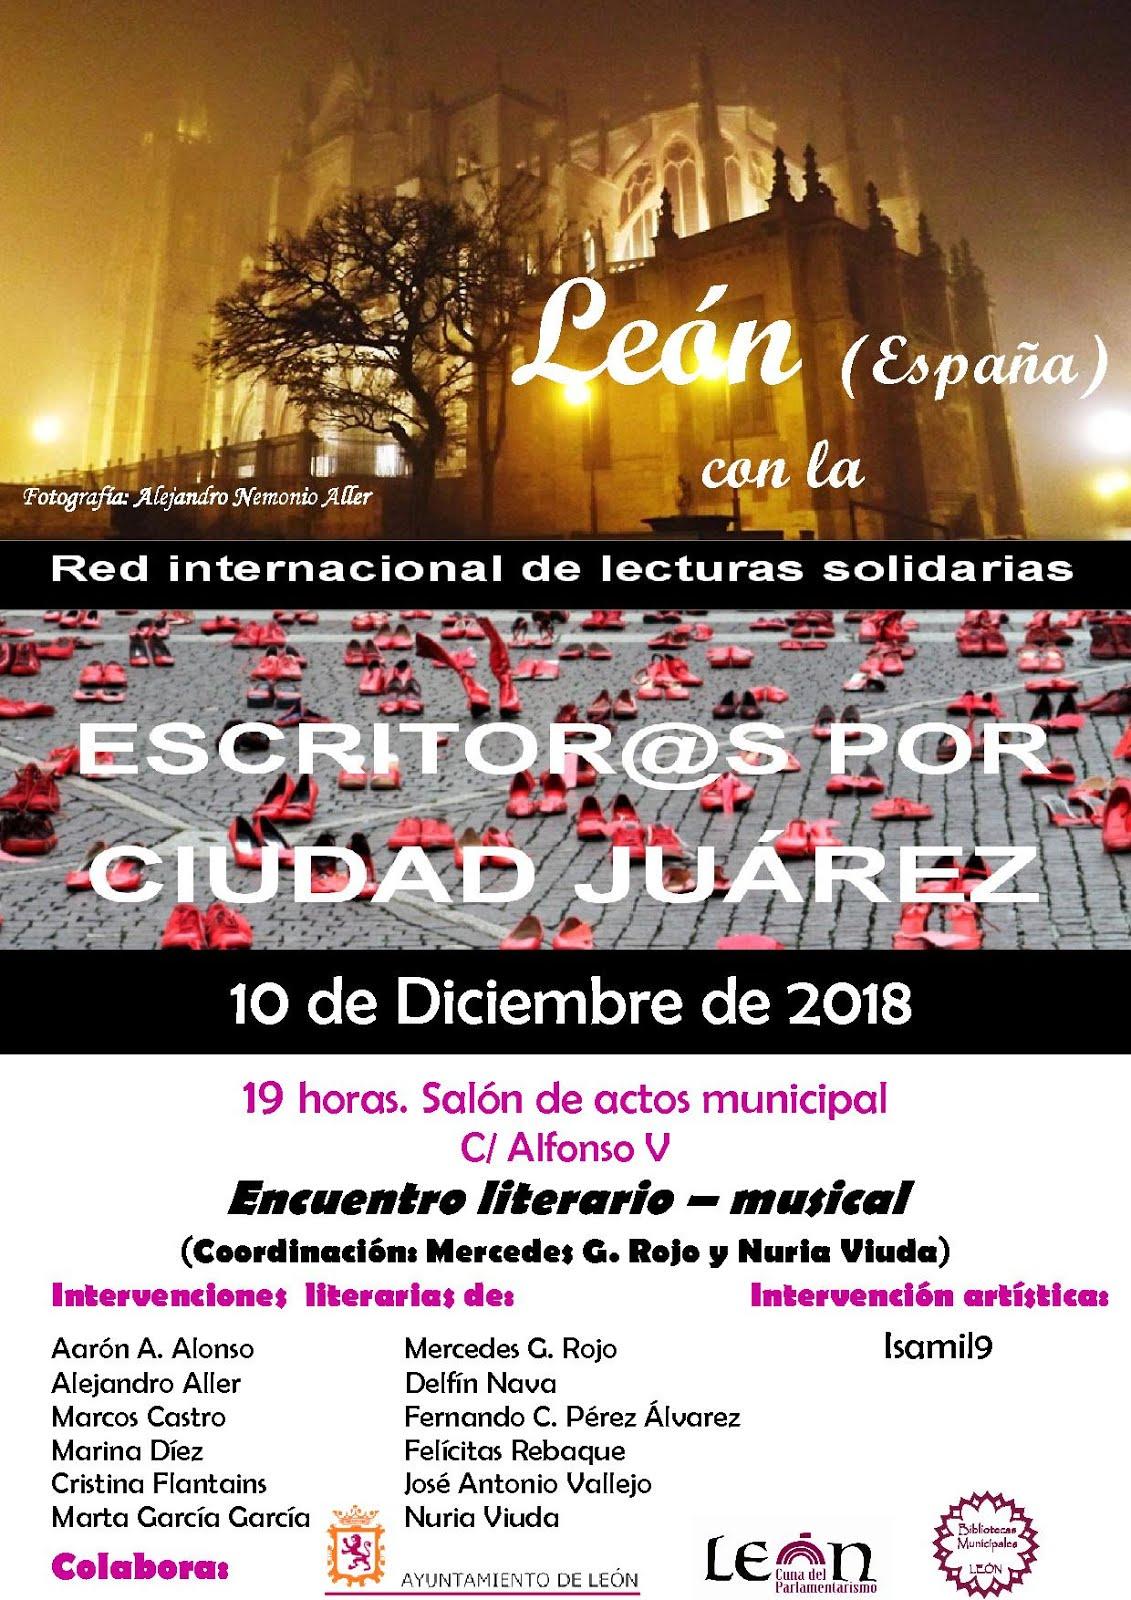 Un año más nos unimos a la red interncional de Escritores por Ciudad Juárez